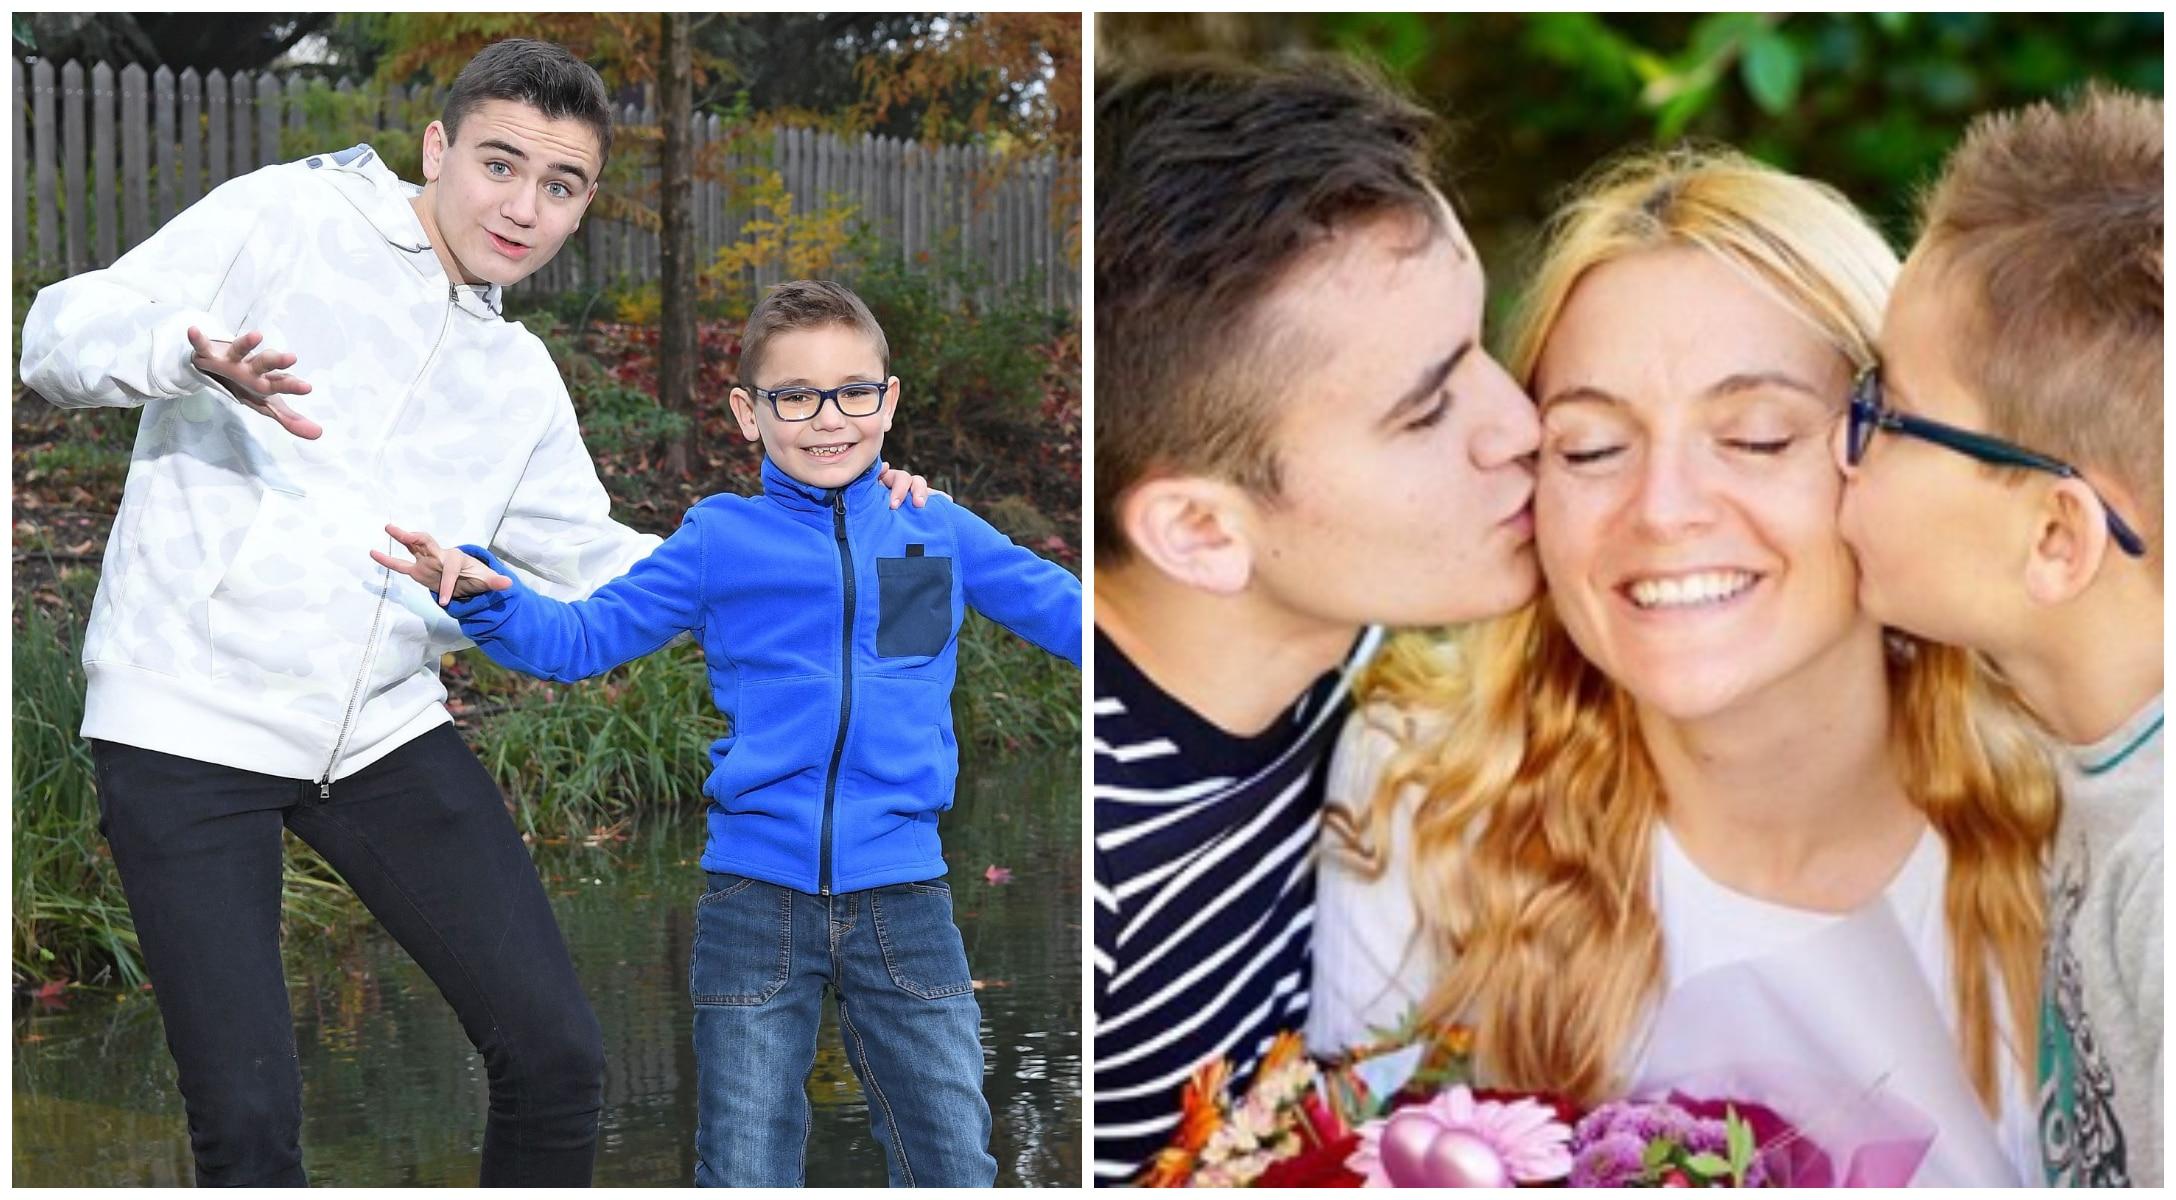 Néo & Swan : leur mère Sophie accusée de maltraitance envers eux